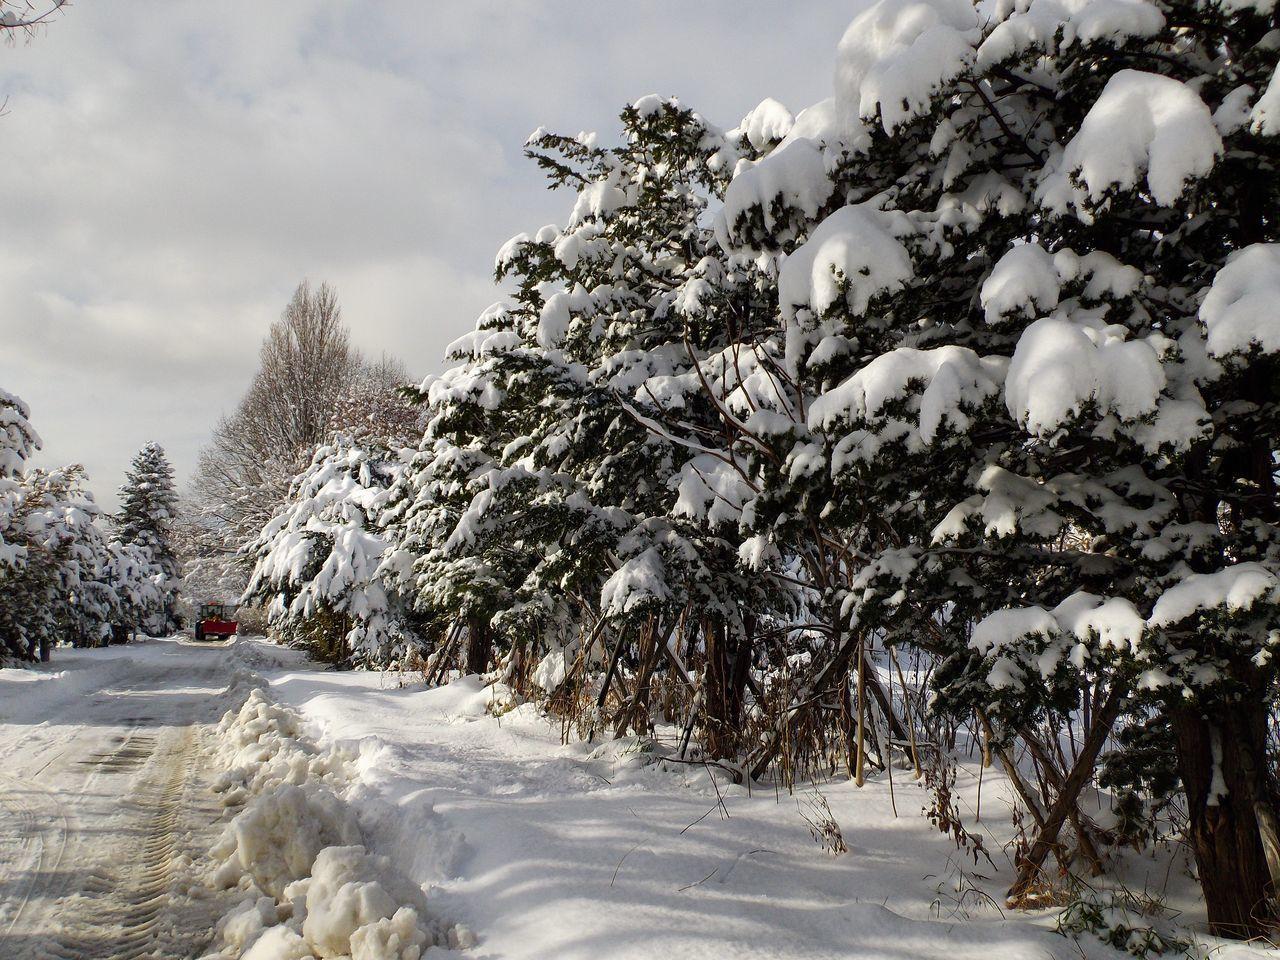 降って降って11月としては62年ぶりの大雪_c0025115_18500059.jpg